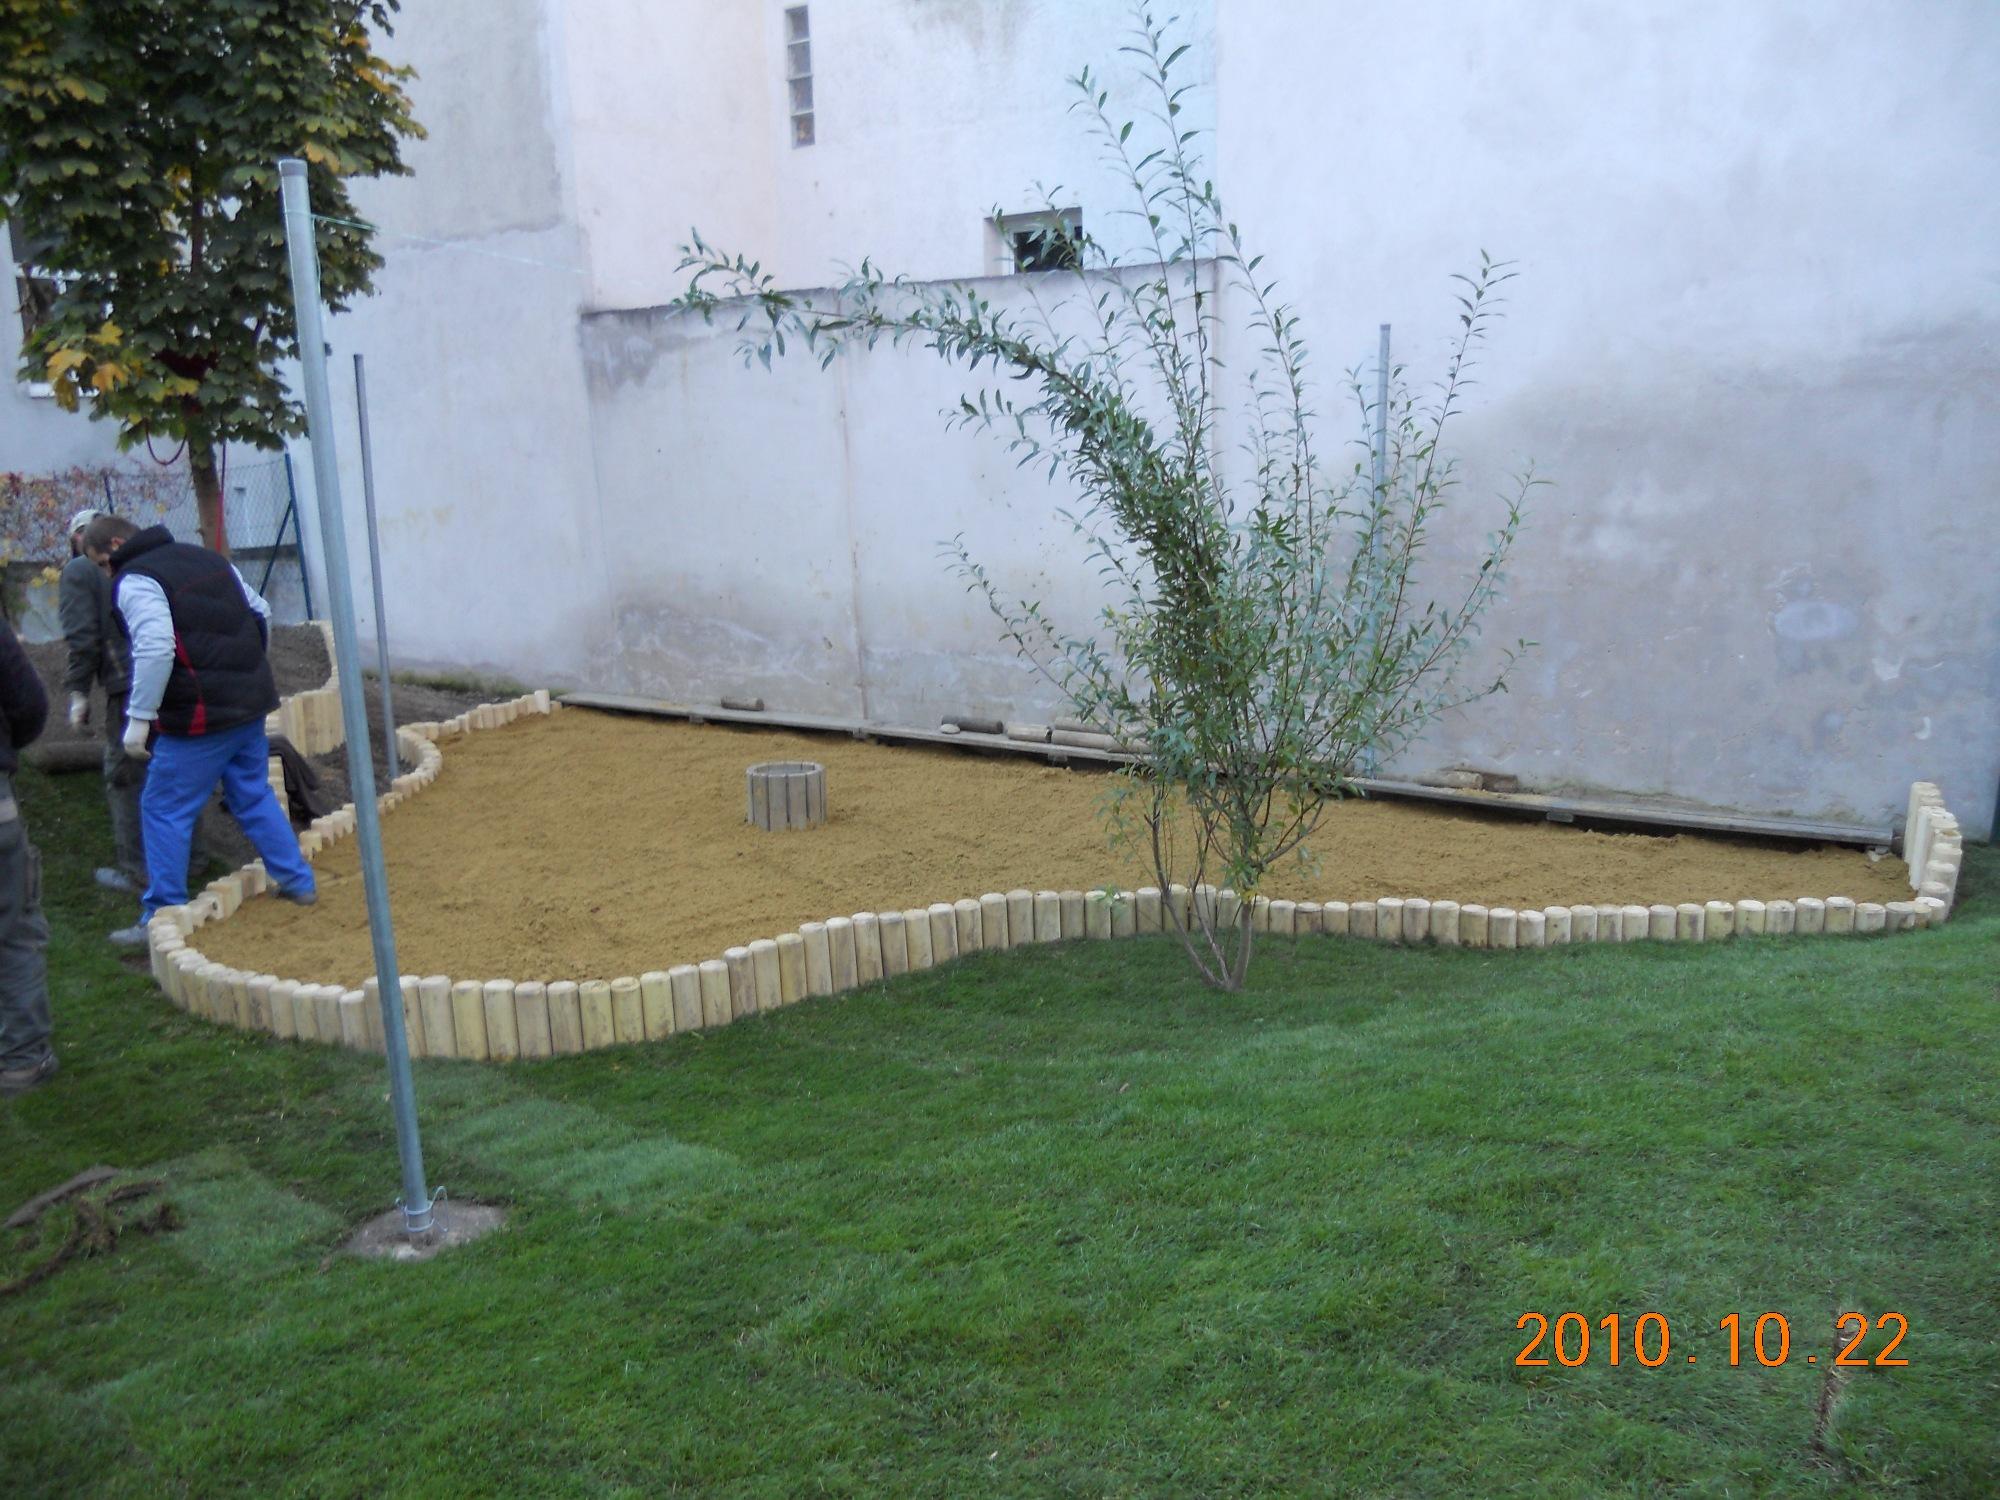 kertépítés óvodában  - LALA-ÉP '97 Bt.